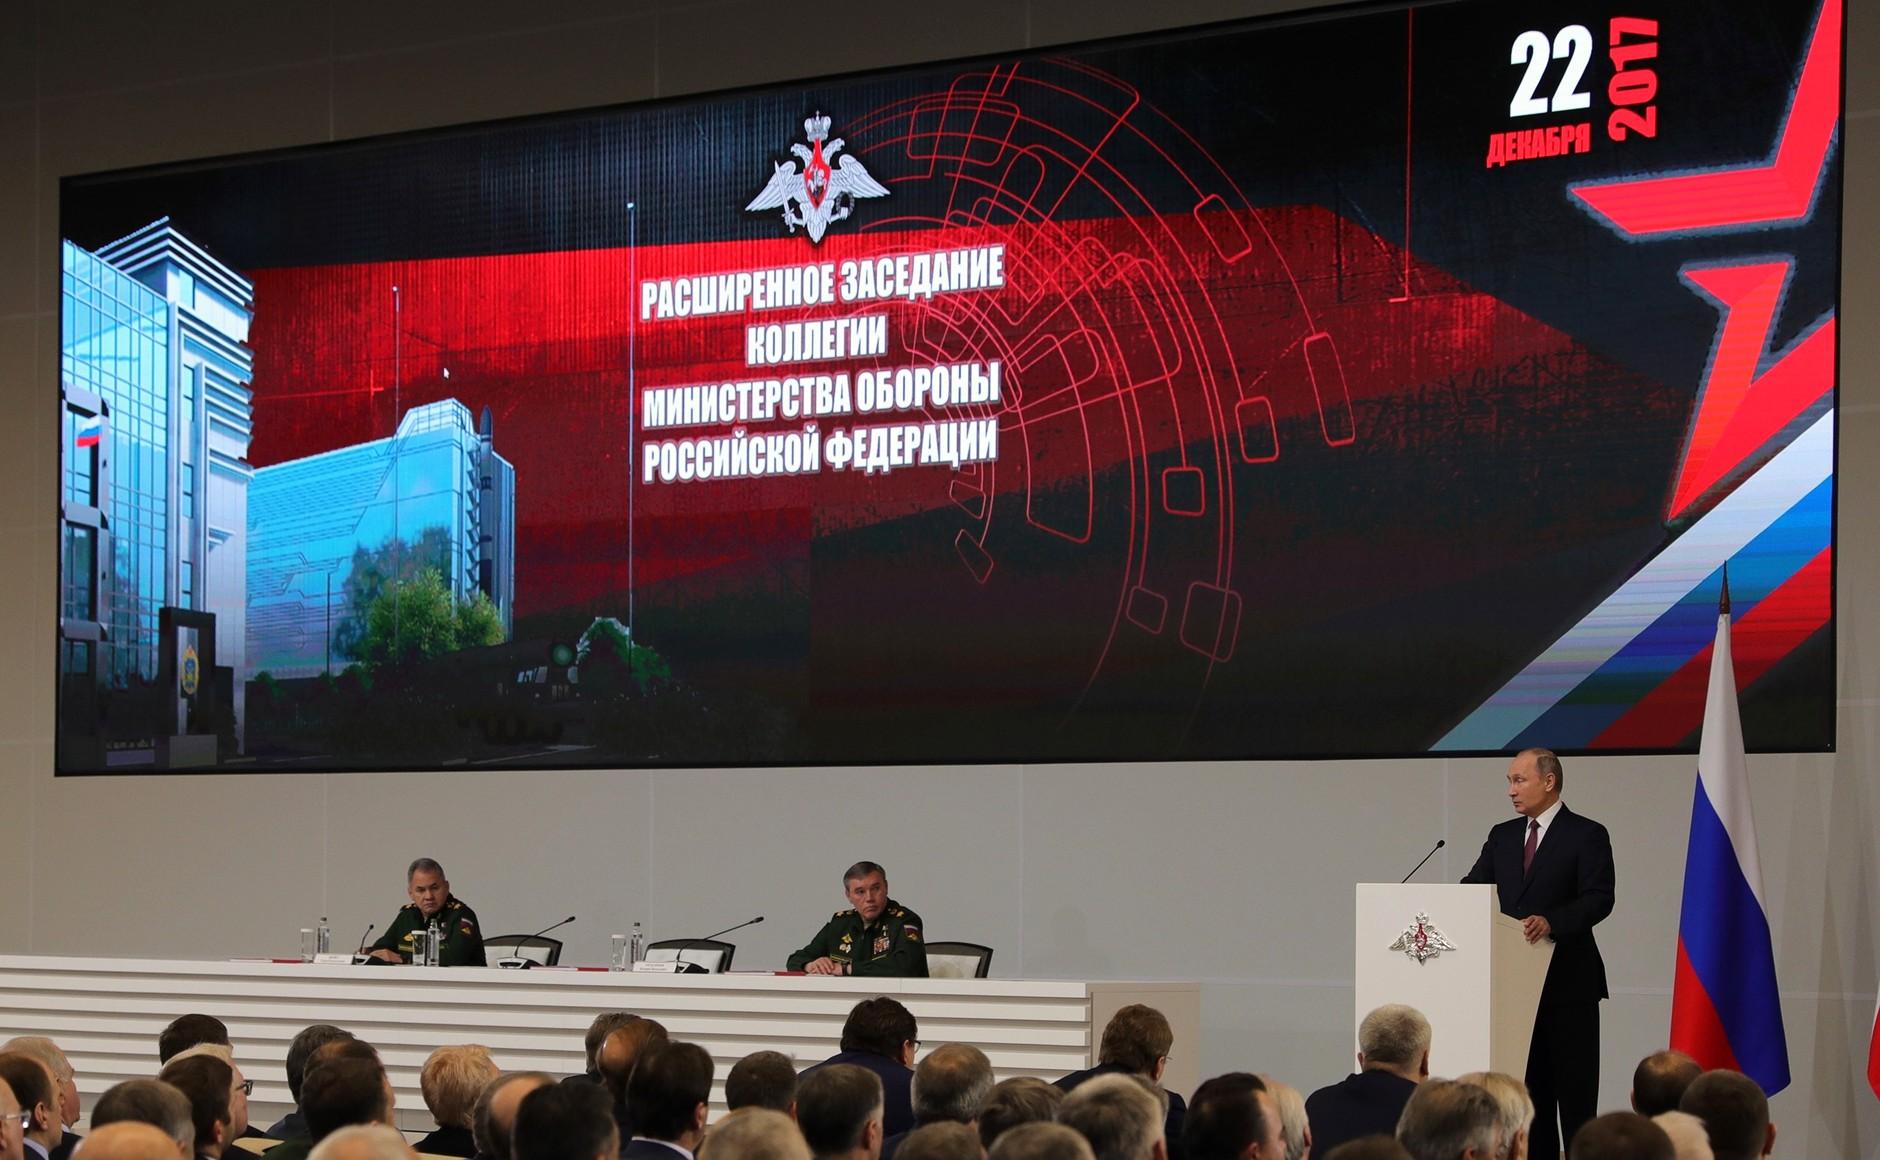 Доклад Министра обороны России на расширенном заседании Коллегии Министерства обороны 22 декабря